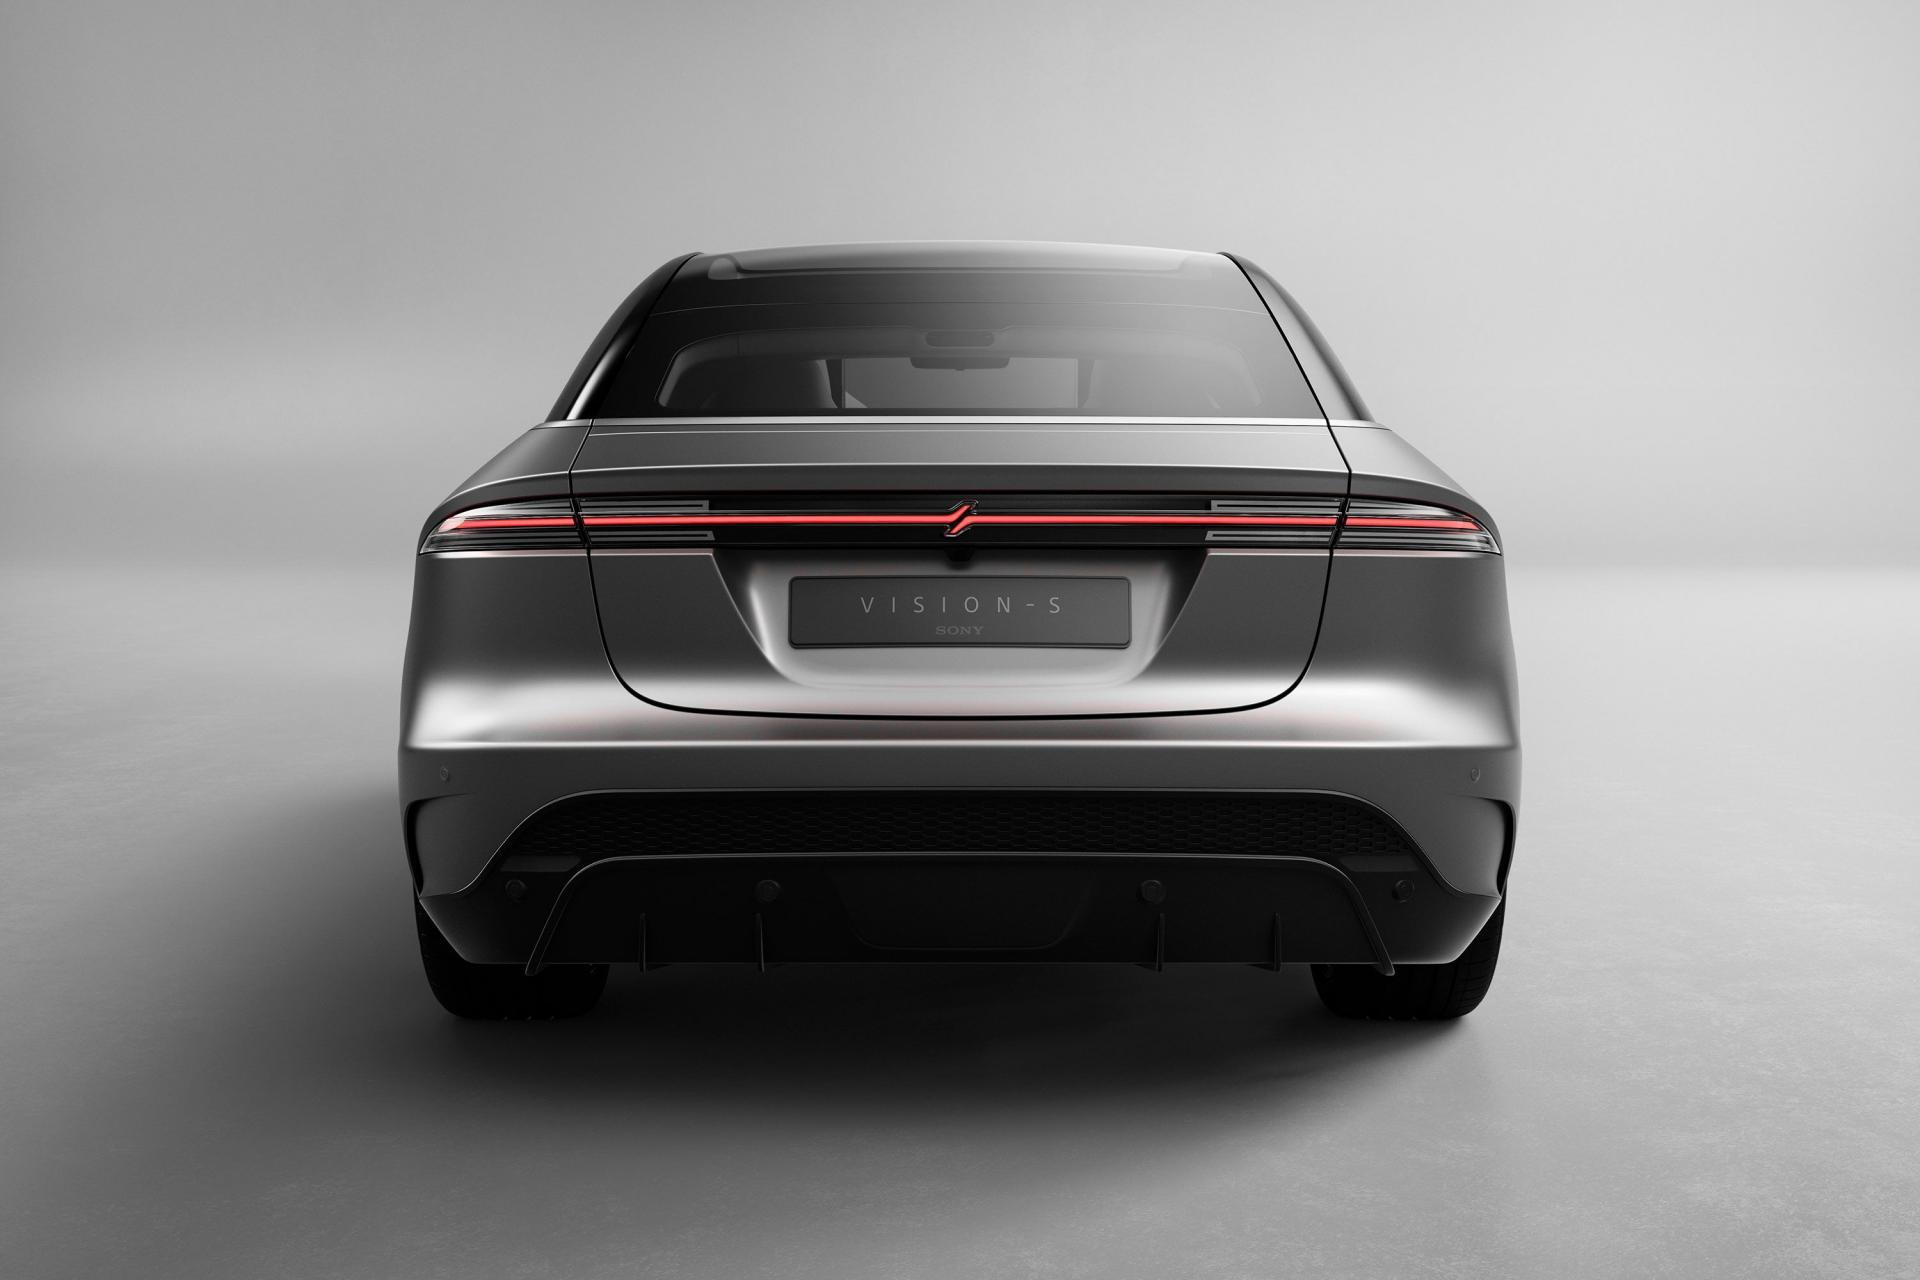 Sony bất ngờ ra mắt mẫu xe điện Vision-S tại CES 2020 - 5